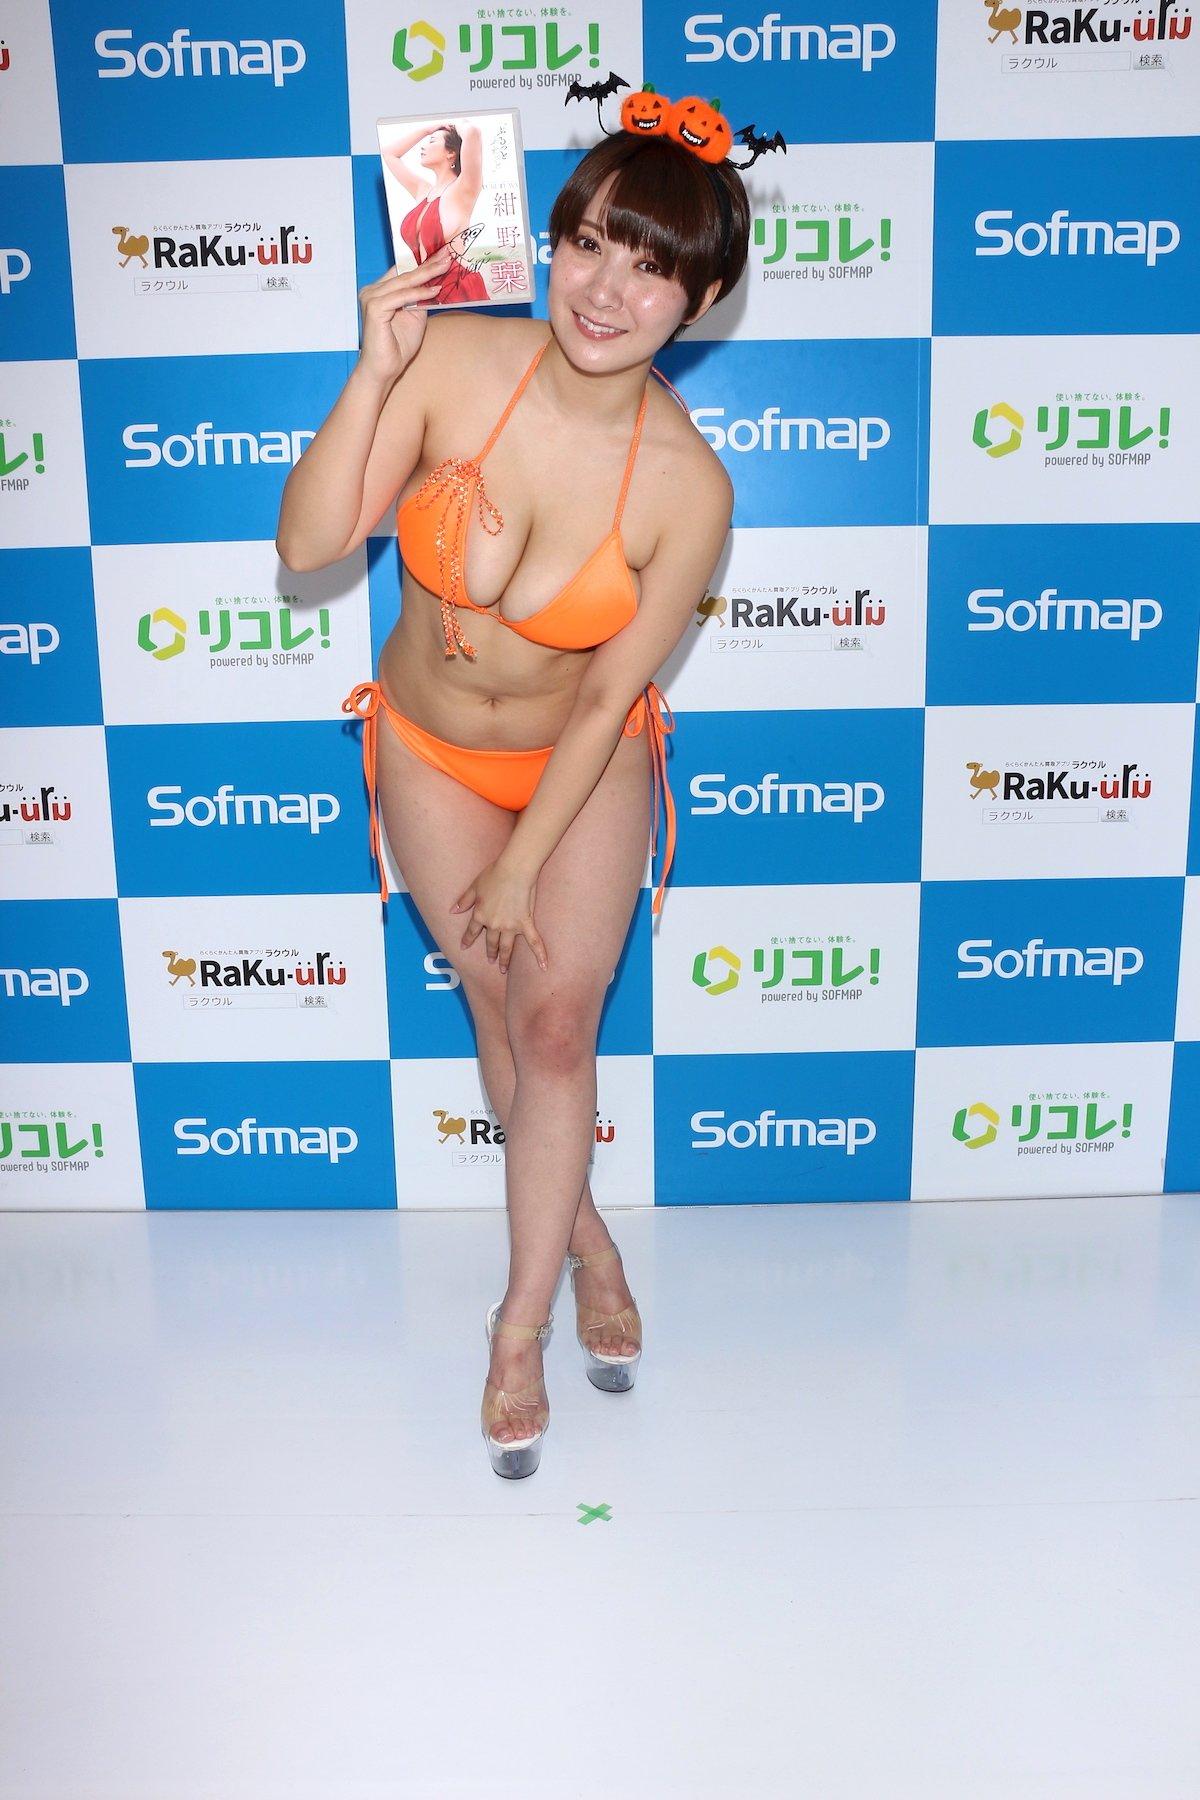 紺野栞「SM嬢に初挑戦」ムチを覚えて感動しました【画像49枚】の画像045